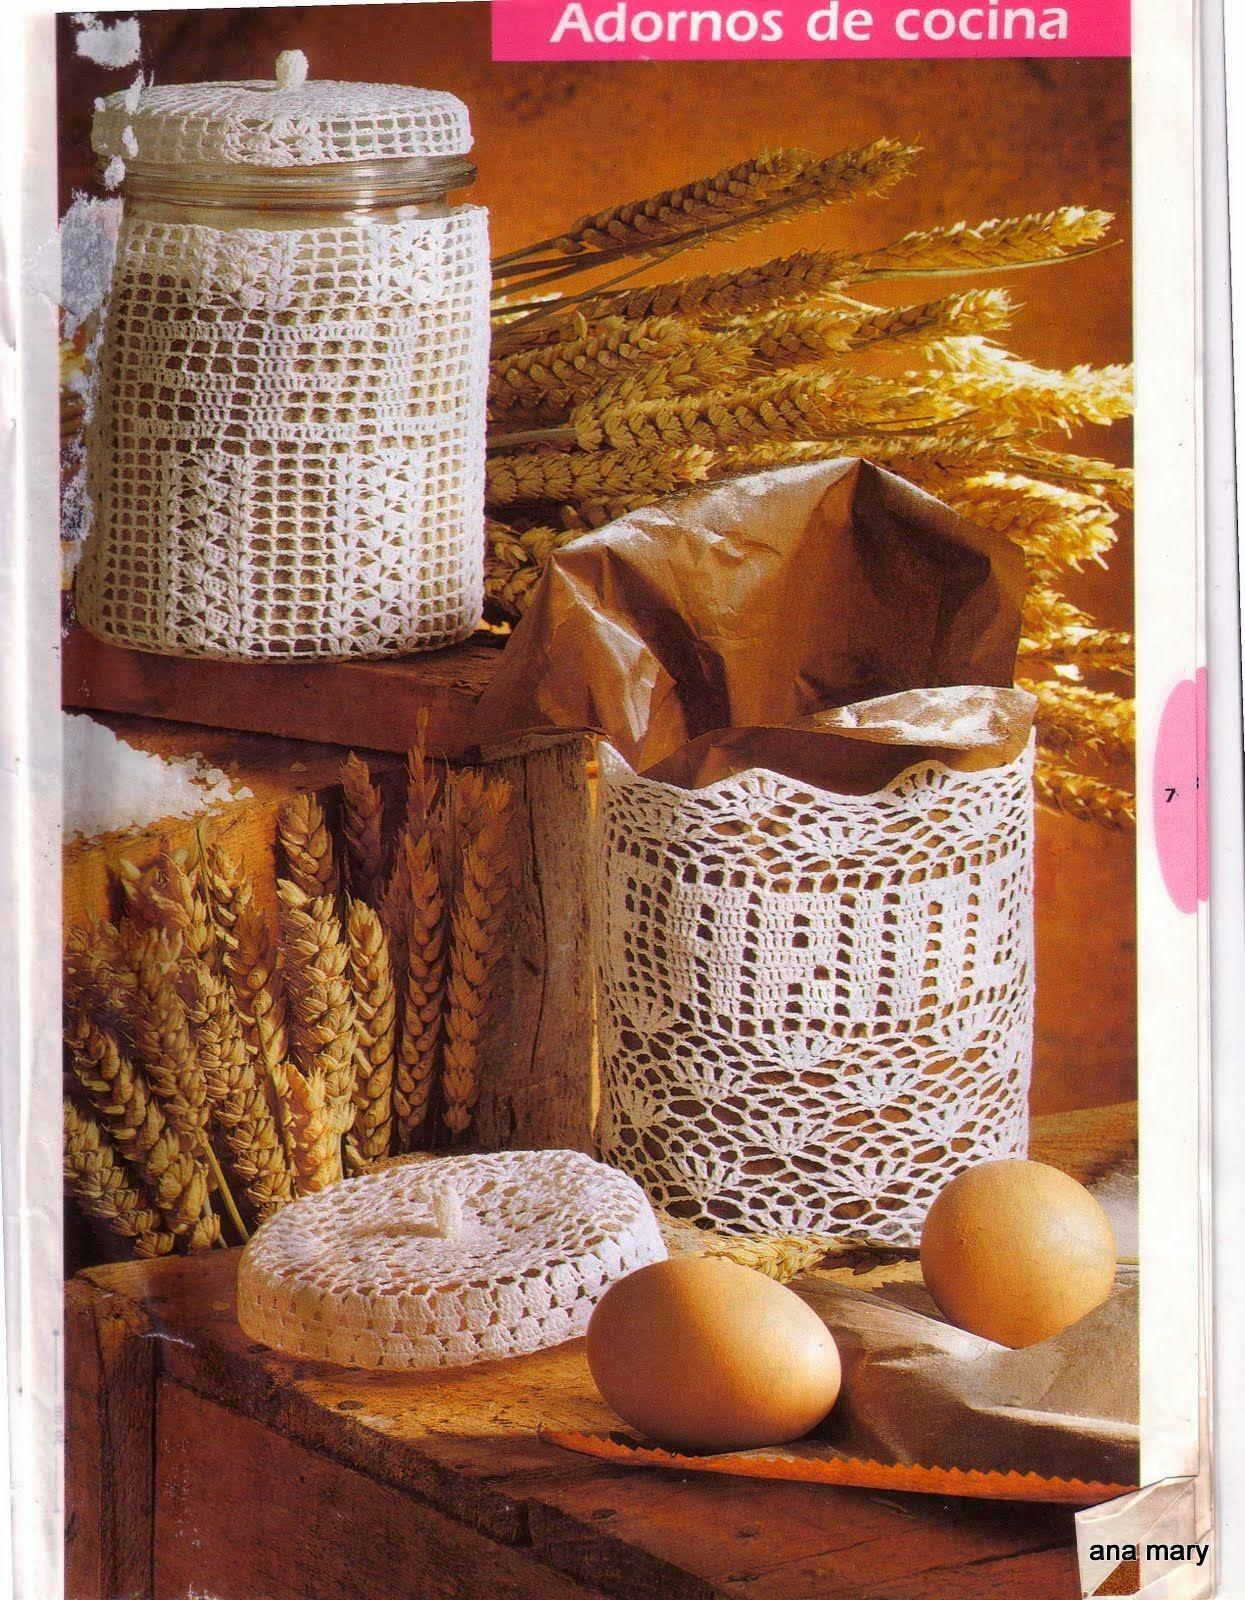 Adornos para la cocina al crochet | Todo crochet